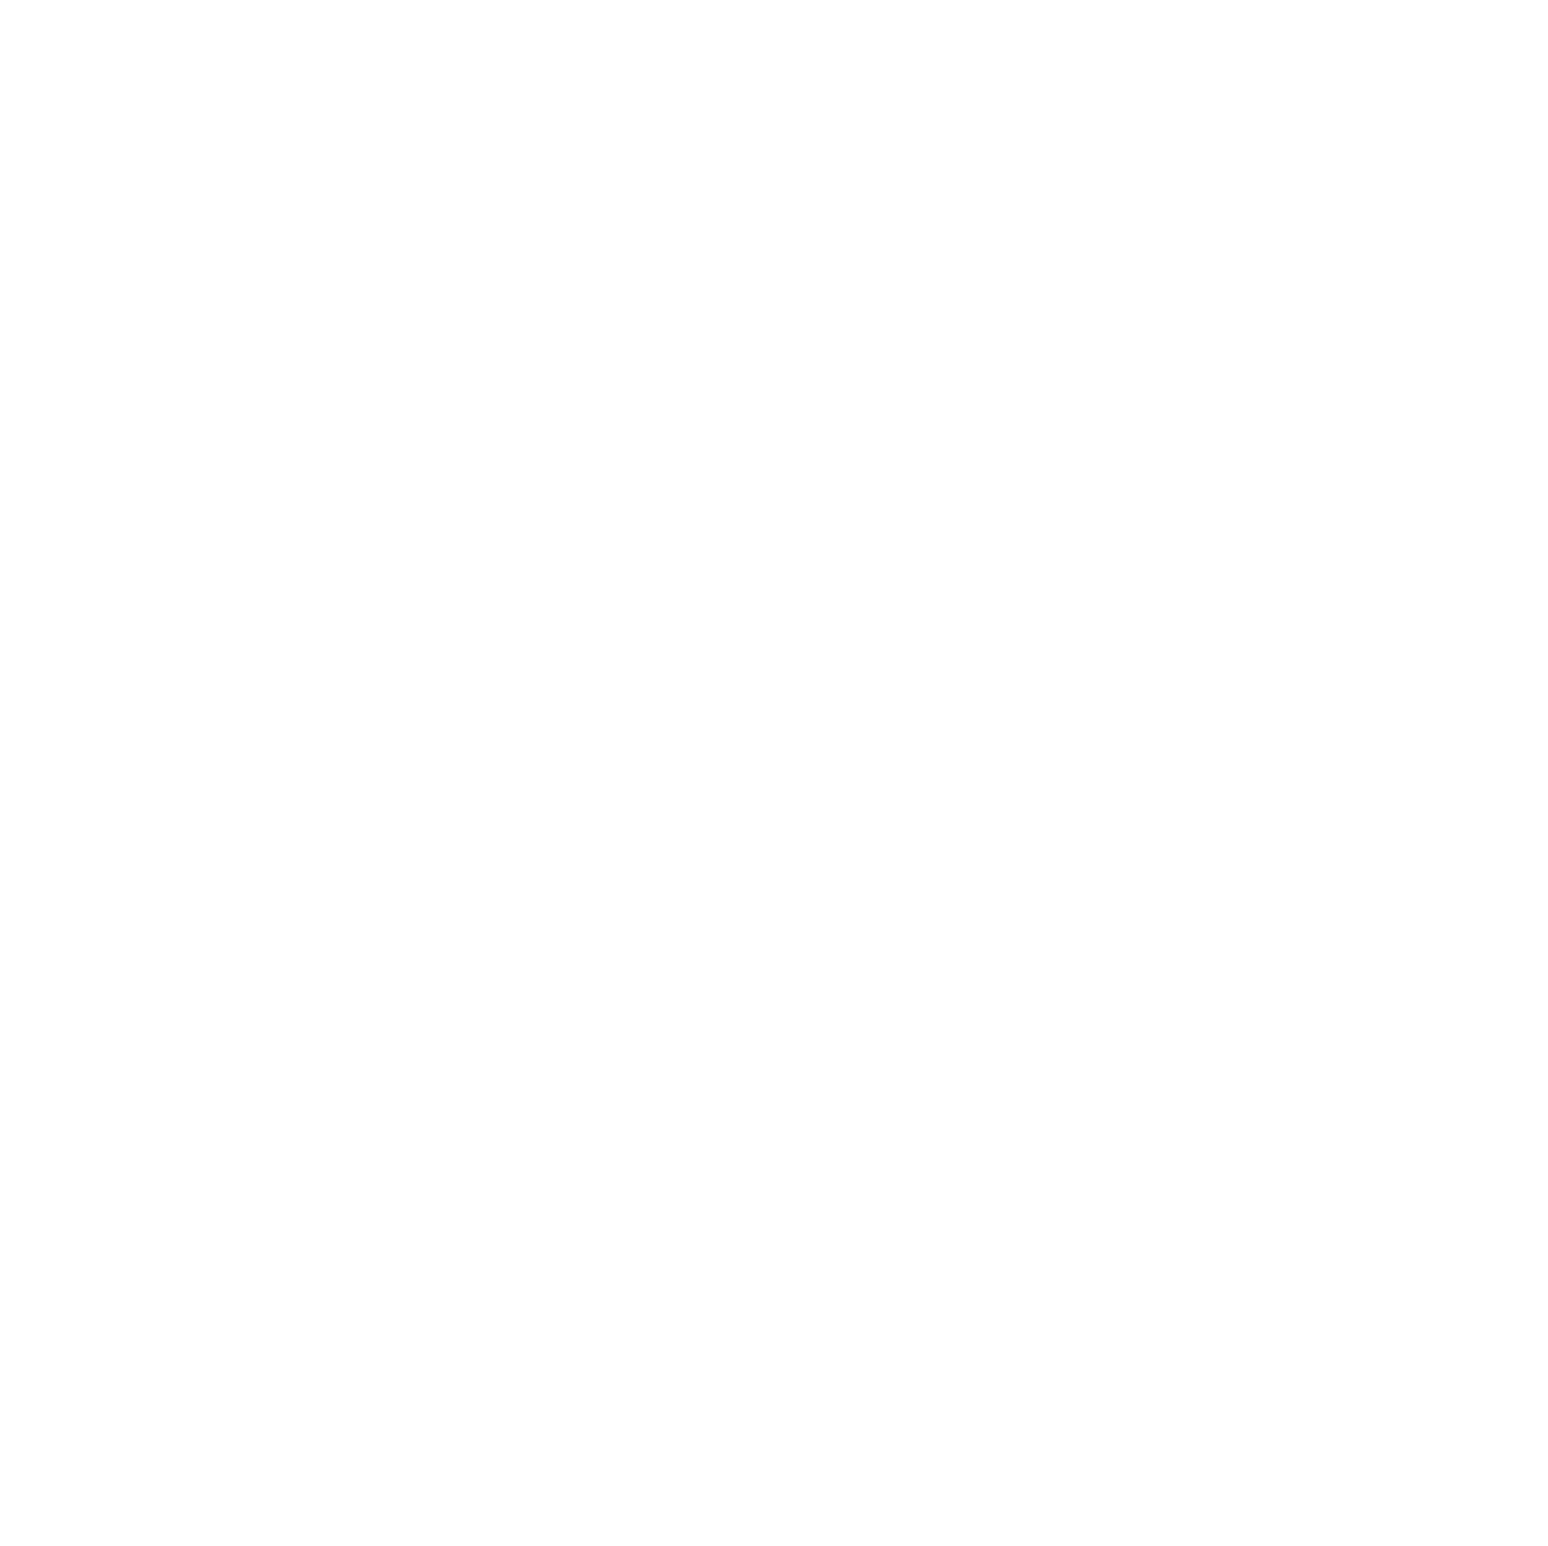 visum-puma-logo.png